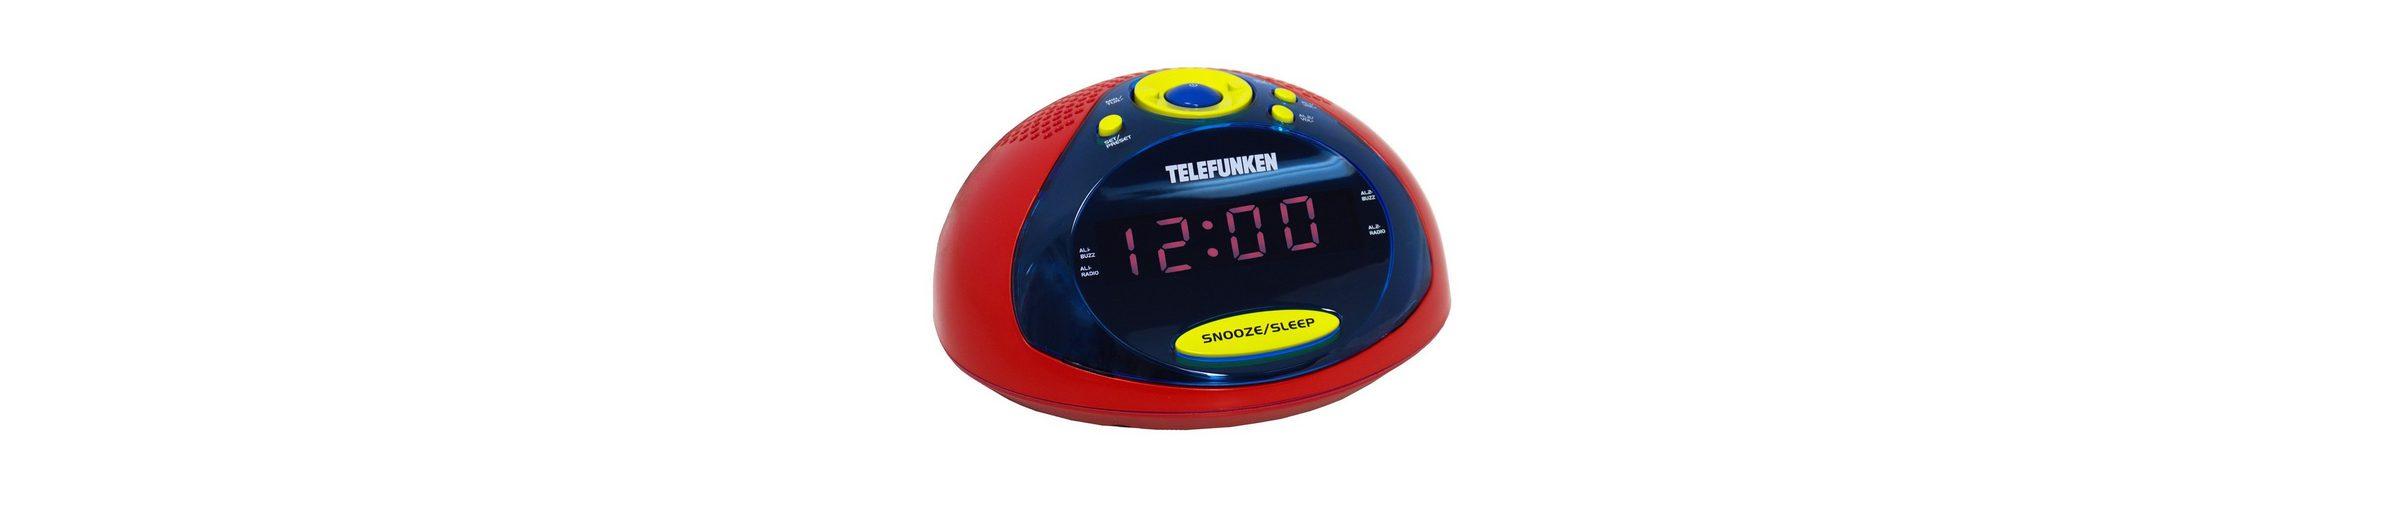 Telefunken Radiowecker »R1005 rot/gelb/blau«